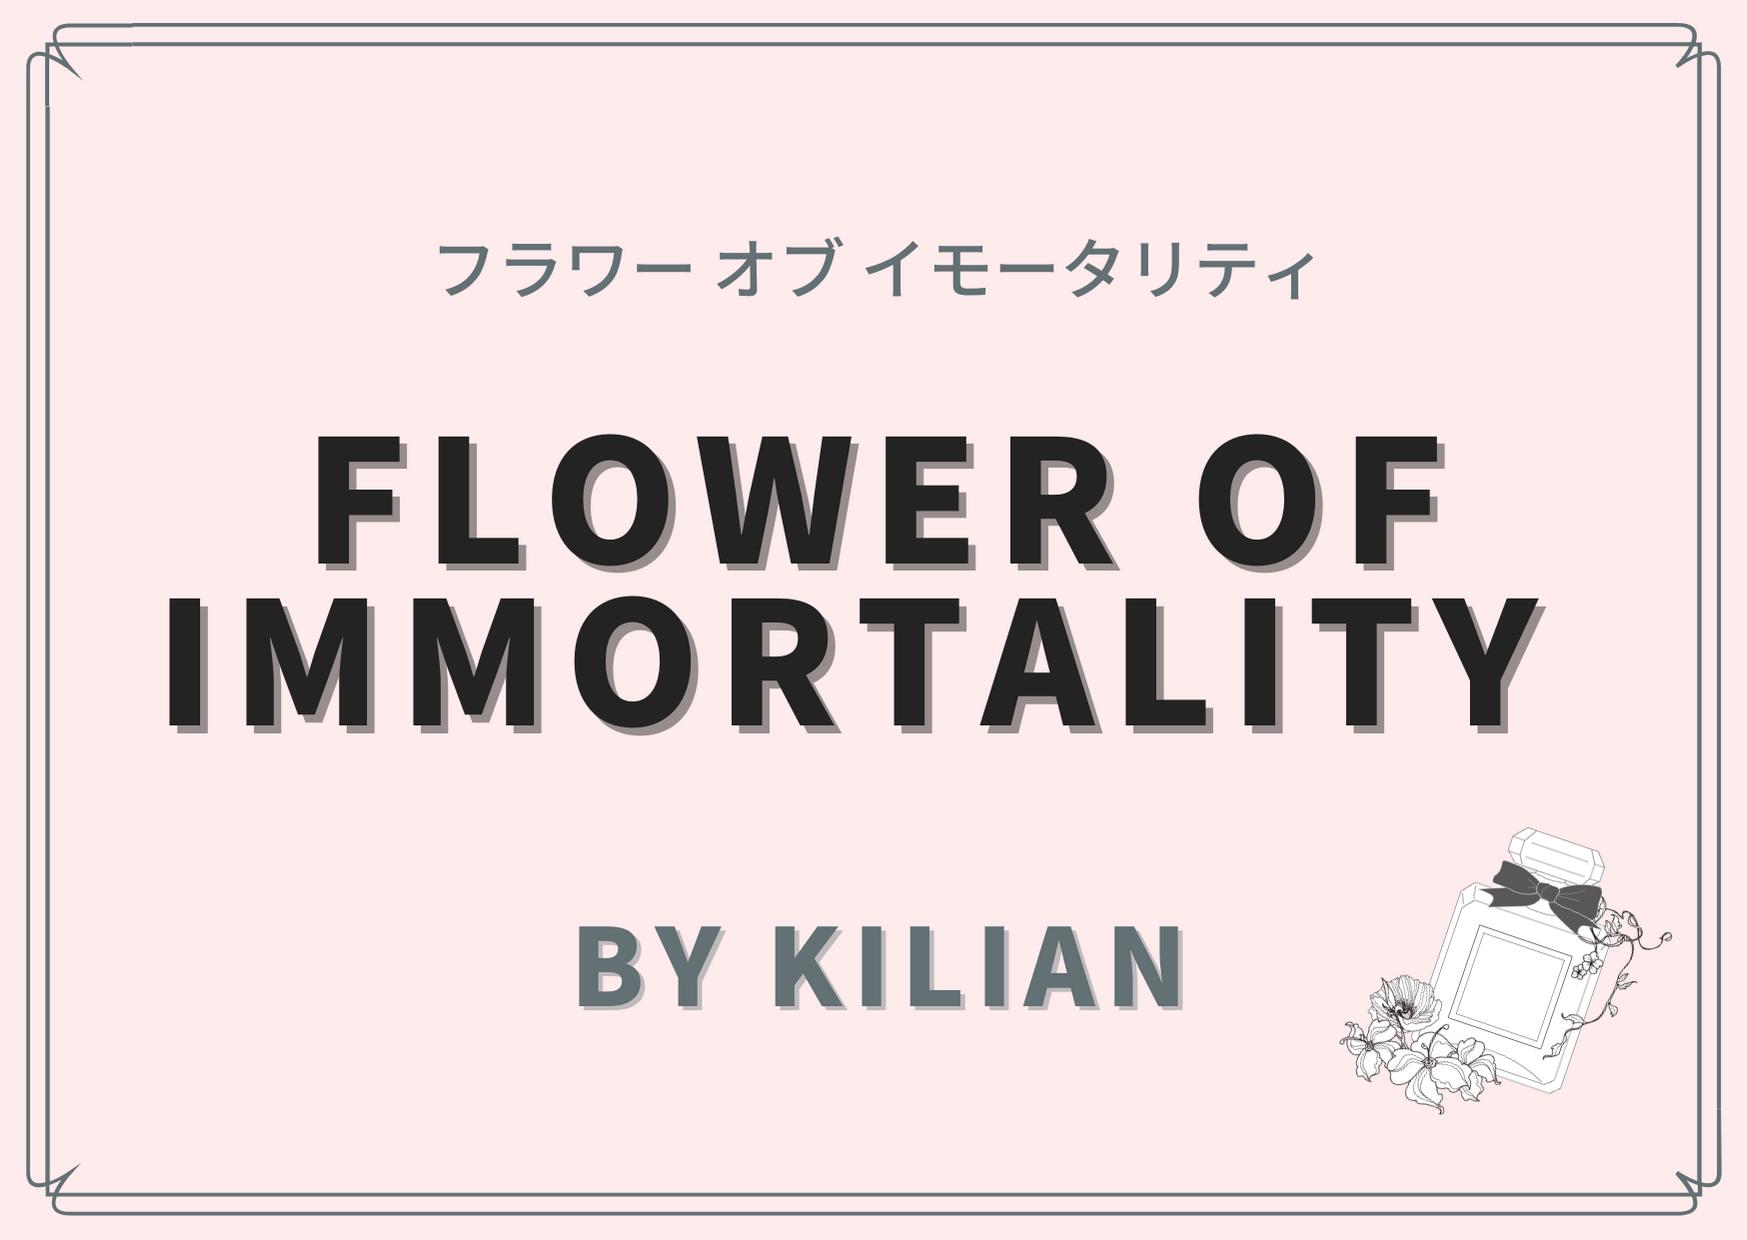 Flower of Immortality (フラワー オブ イモータリティ )/ By Kilian(バイ キリアン)